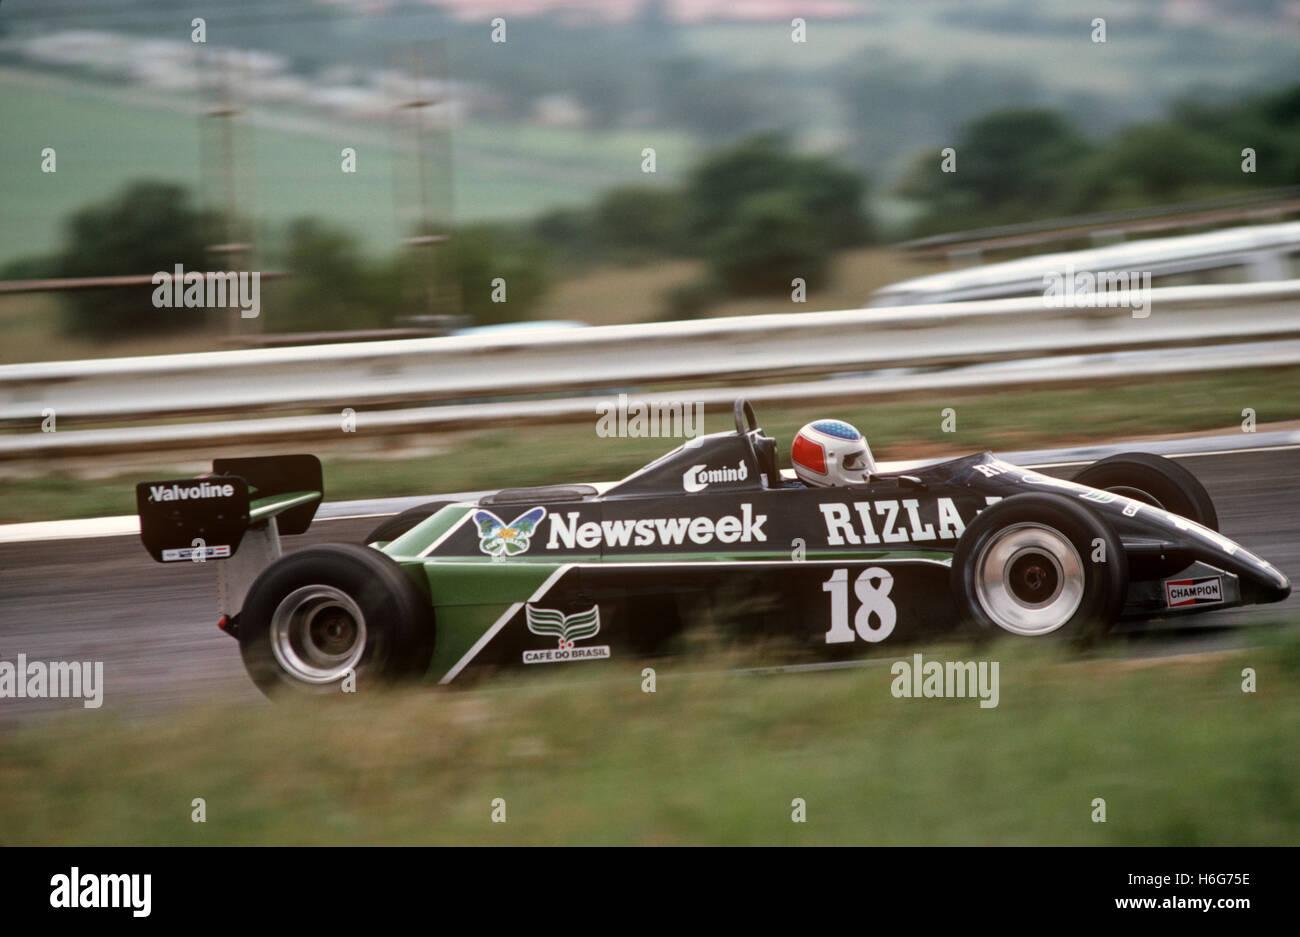 c8 alamy com/compde/h6g75e/1982-sudafrika-gp-raoul